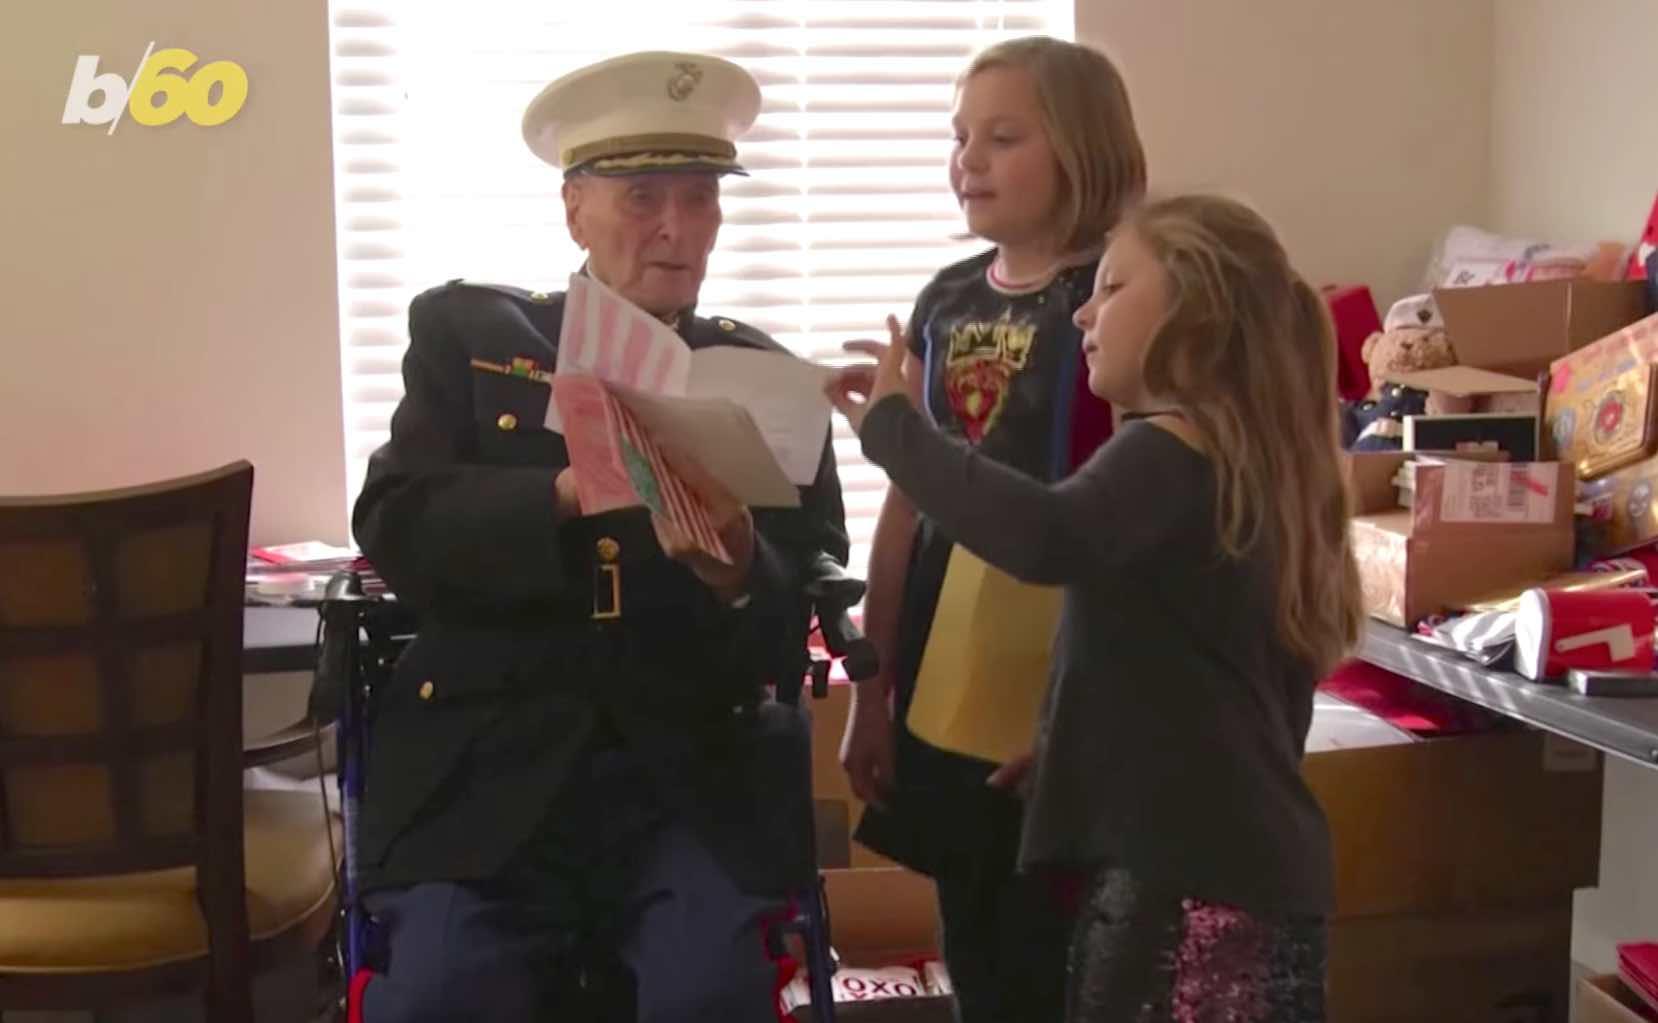 old war veteran